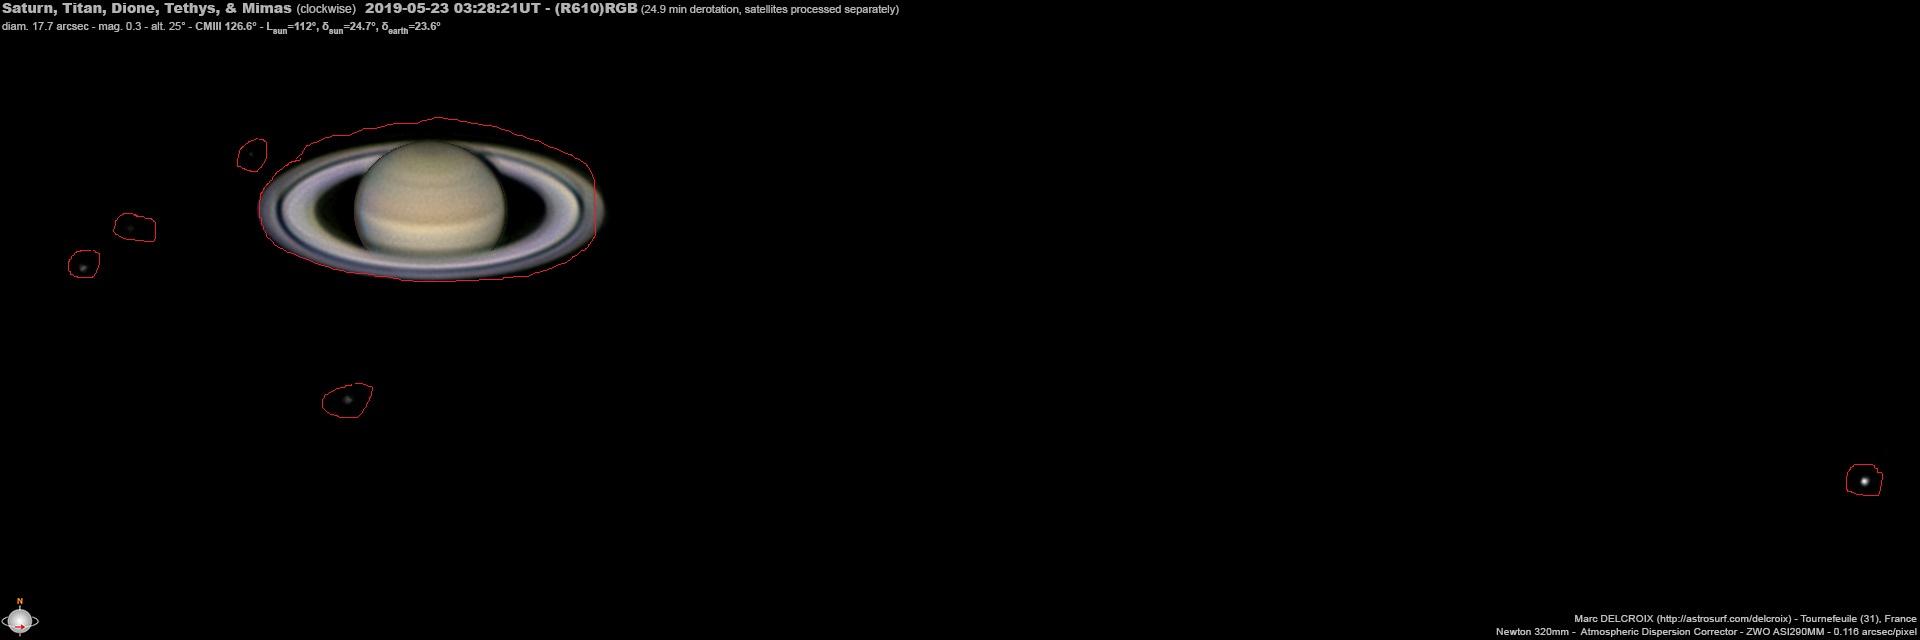 s2019.jpg.adf01e1ae050e19beb48be3e2f17177c.jpg